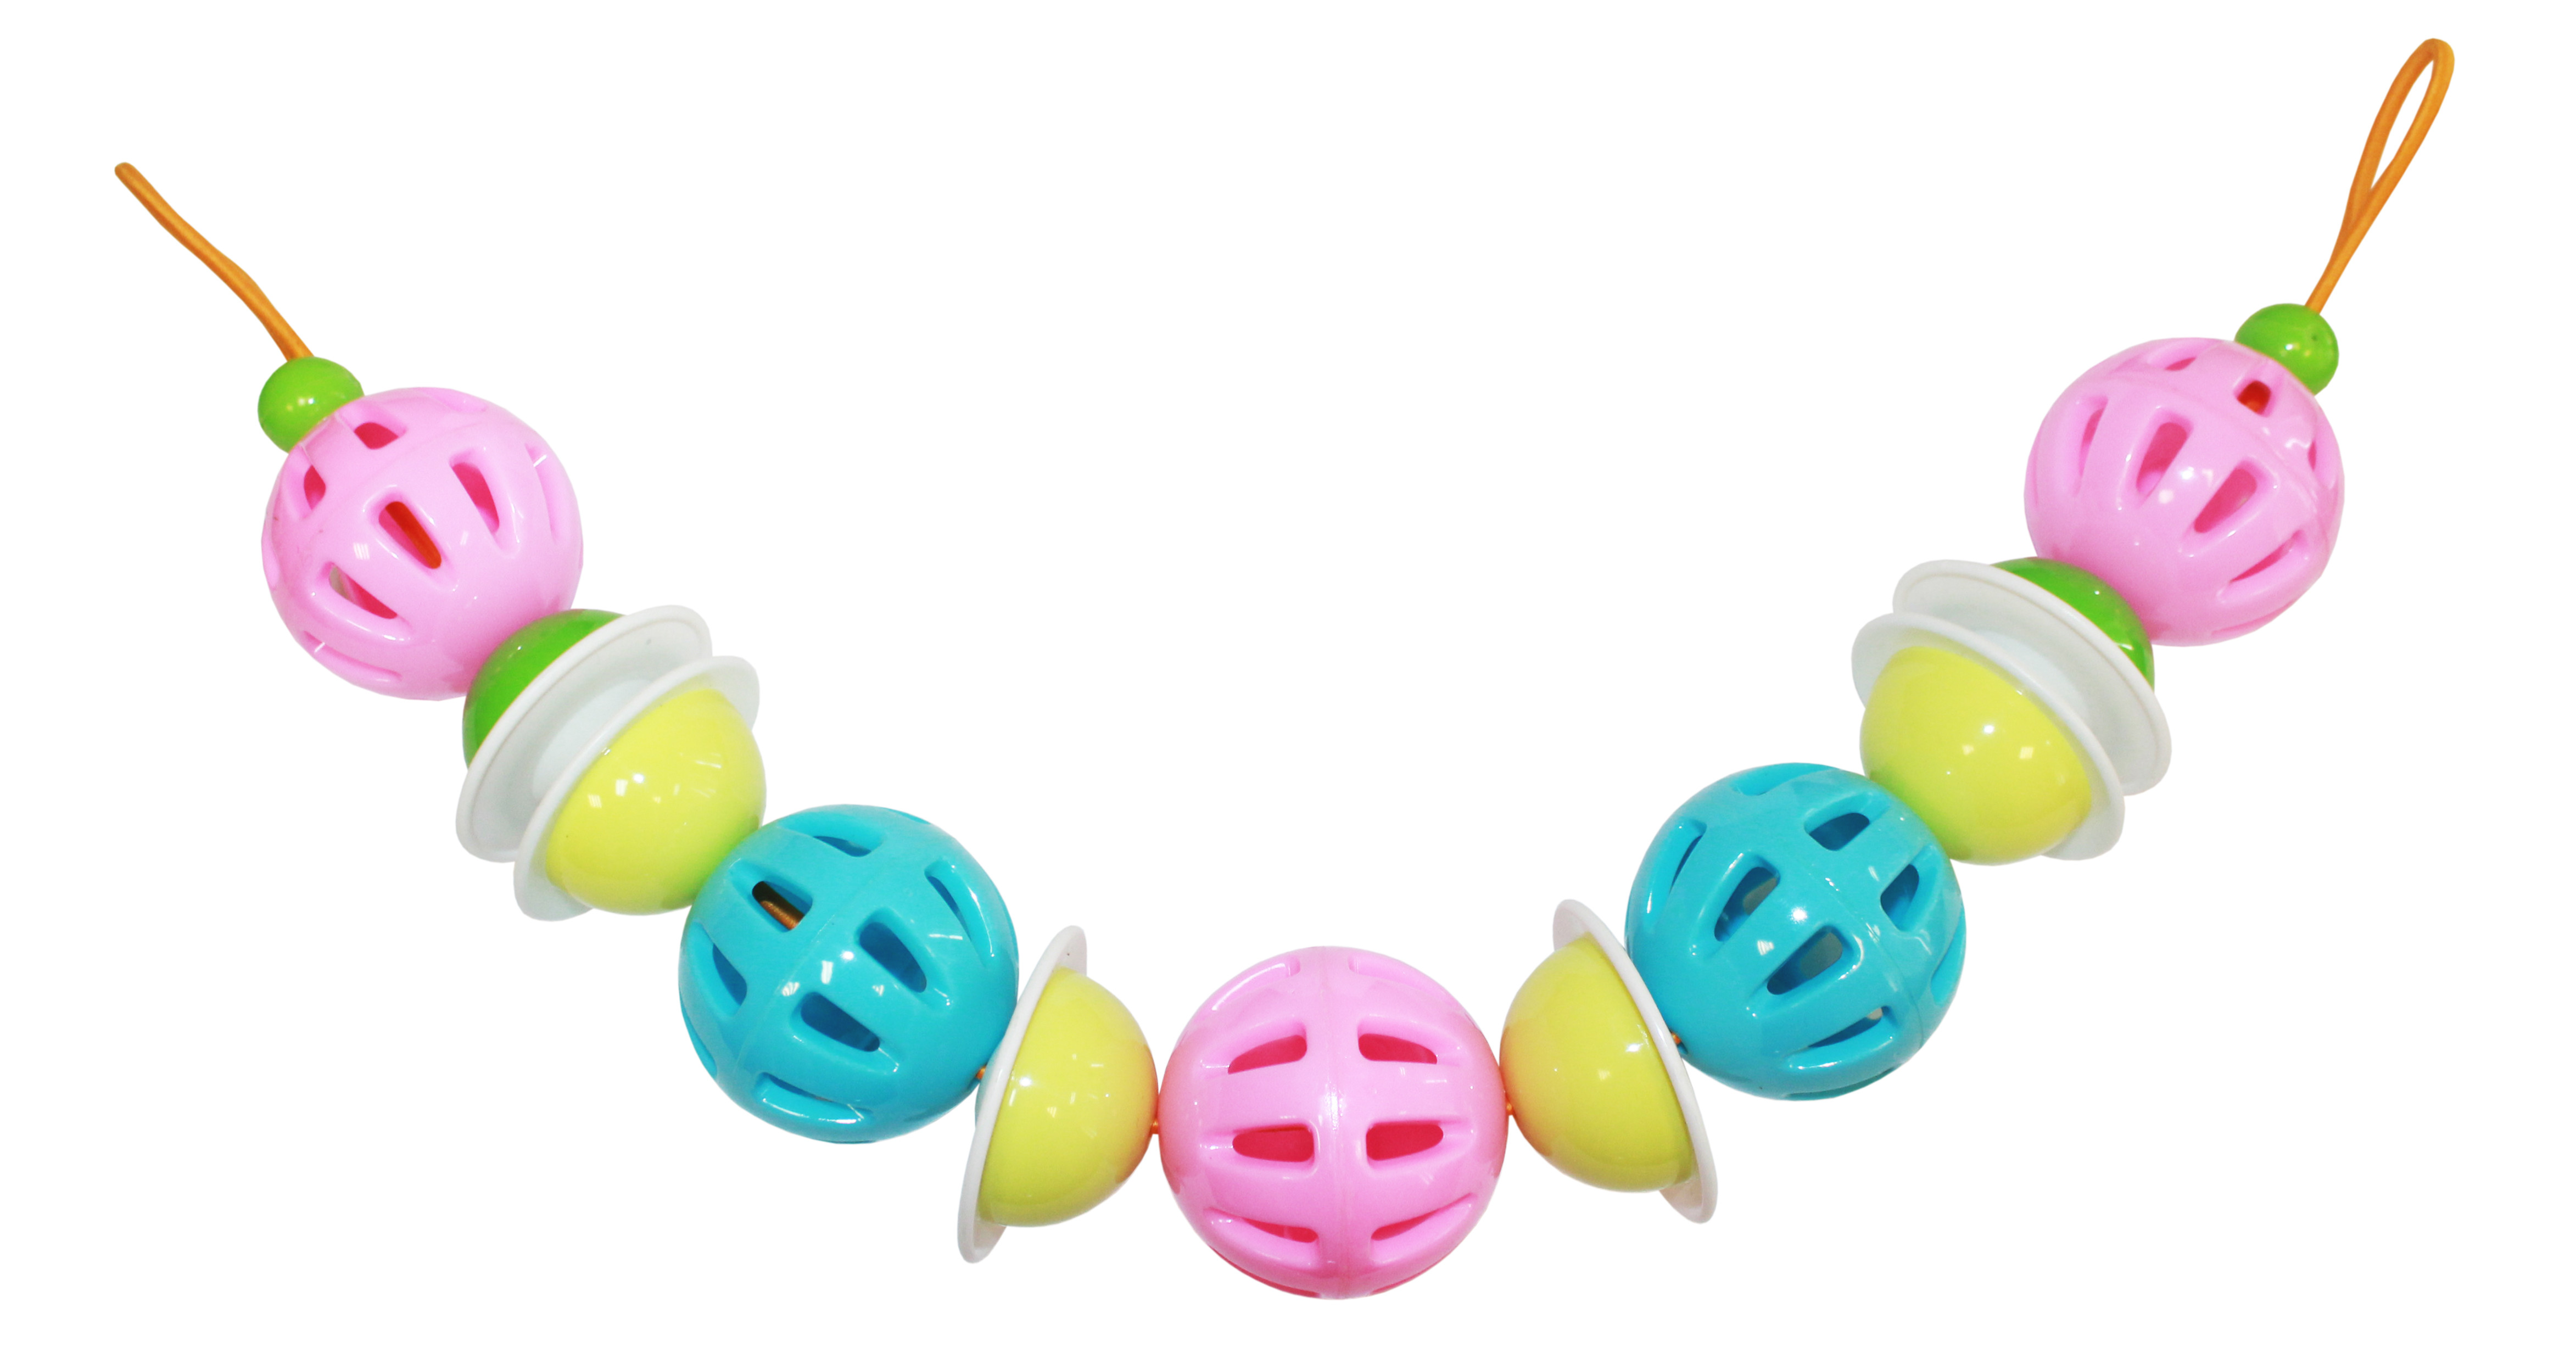 Фото - Игры и игрушки в дорогу Пластмастер Подвеска на коляску Пластмастер «Нежность» игры и игрушки в дорогу пластмастер подвеска на коляску пластмастер нежность